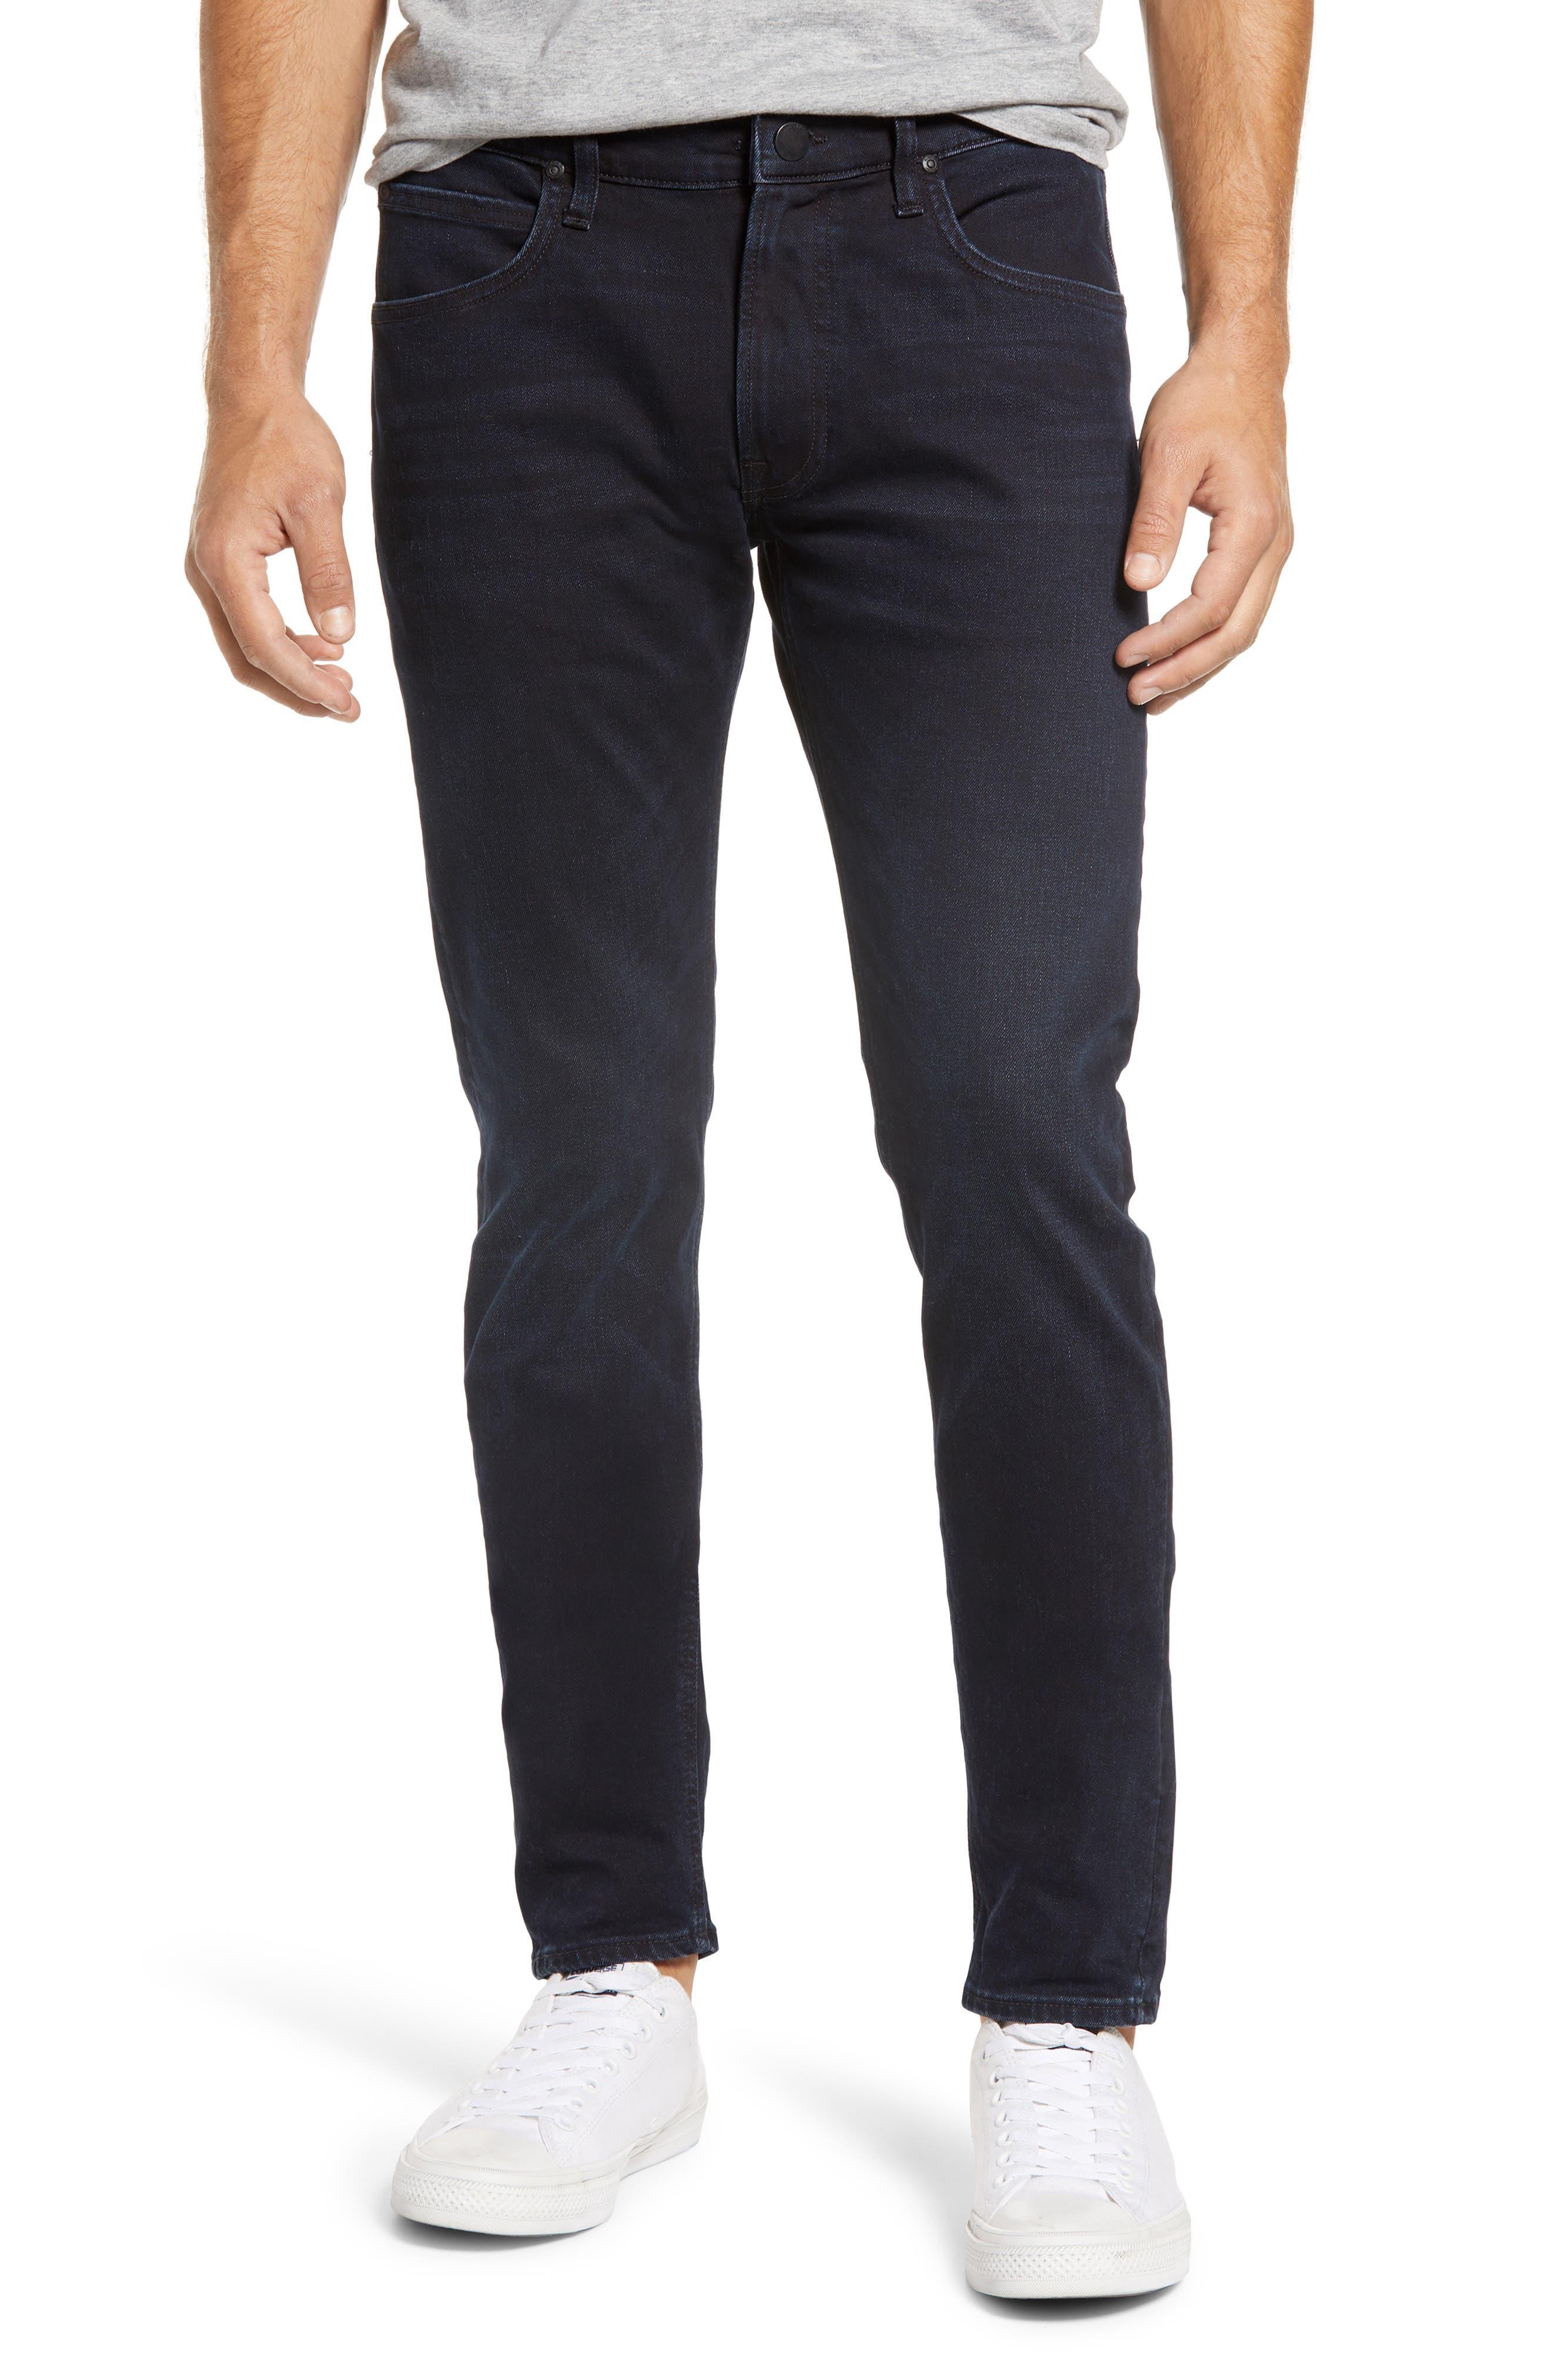 Men's Lee Modern Rider Men's Slim Fit Jeans